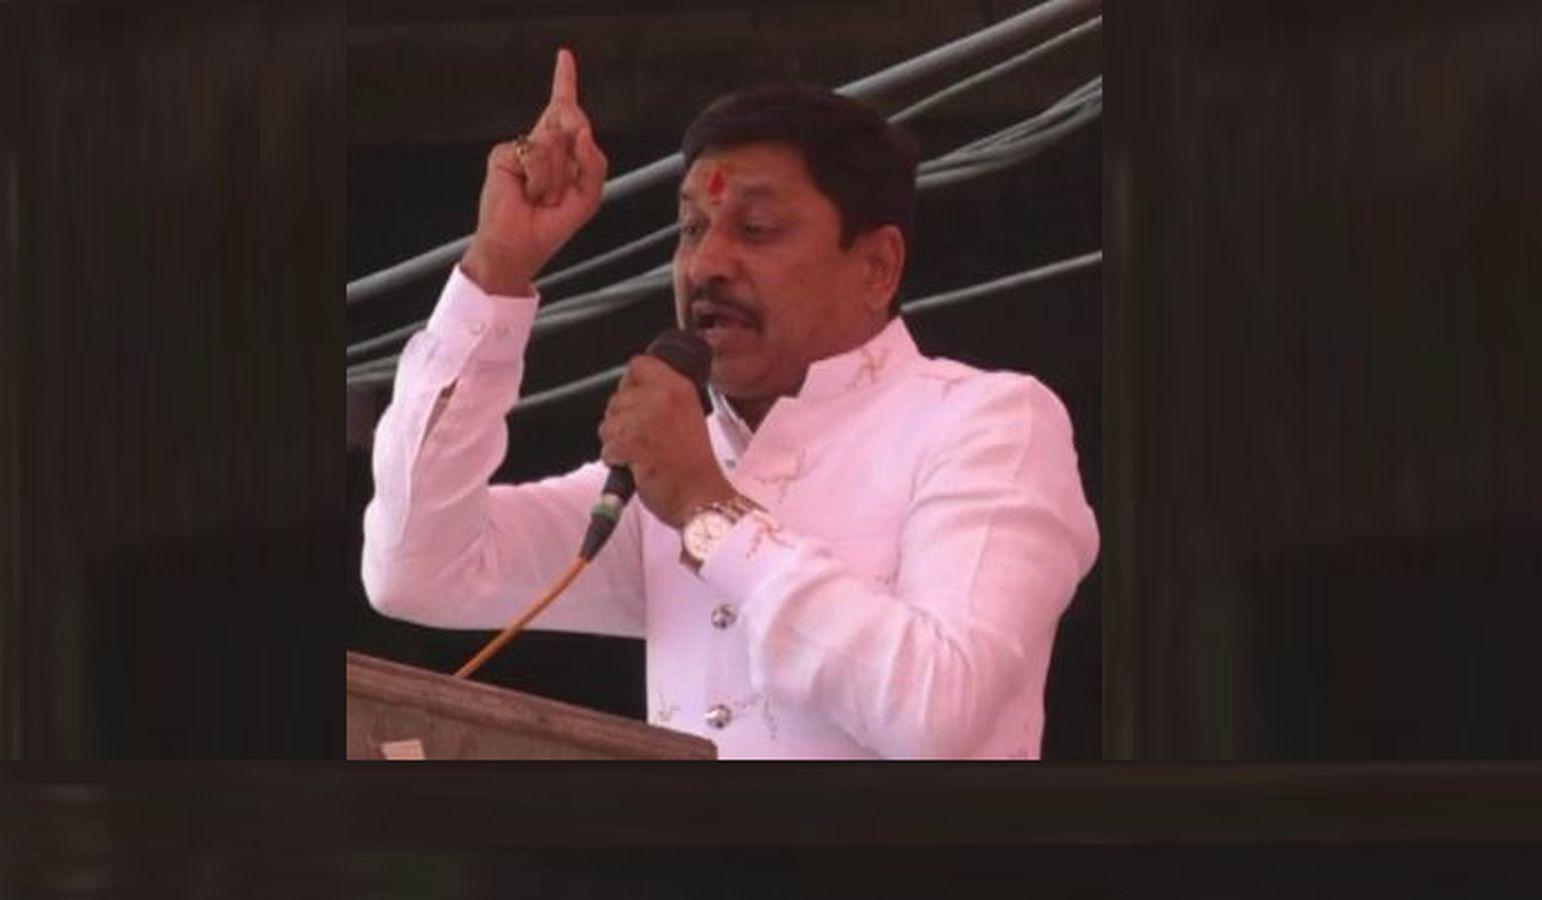 भाजपा विधायक के बिगड़े बोल-दिग्विजय सिंह सठिया गए, हम जब चाहें सरकार गिरा दें